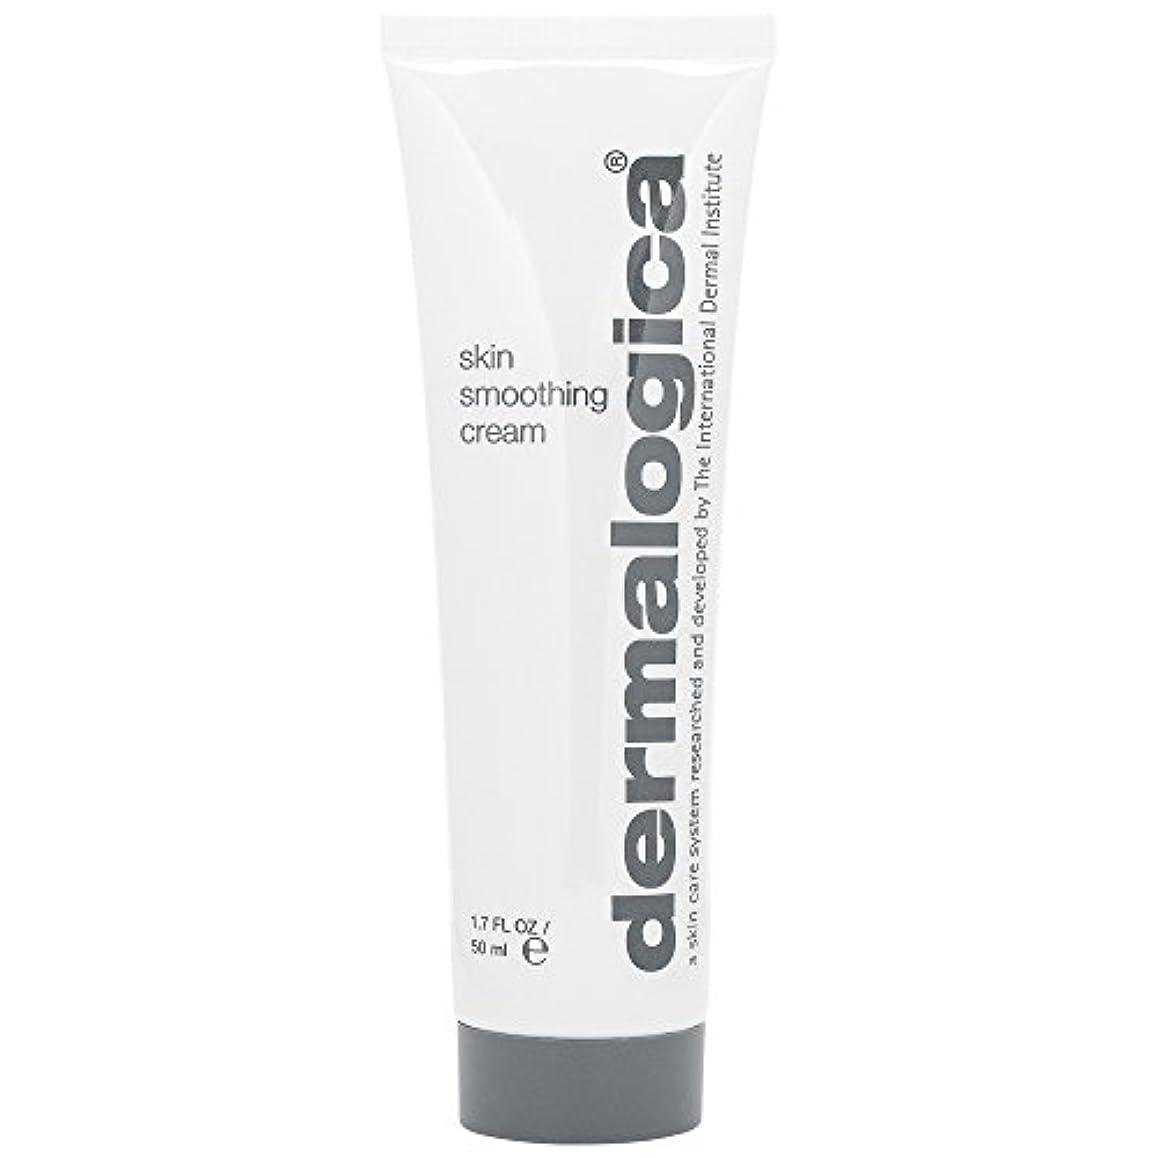 かんたんくま原因ダーマロジカスキンスムージングクリーム50ミリリットル (Dermalogica) (x6) - Dermalogica Skin Smoothing Cream 50ml (Pack of 6) [並行輸入品]